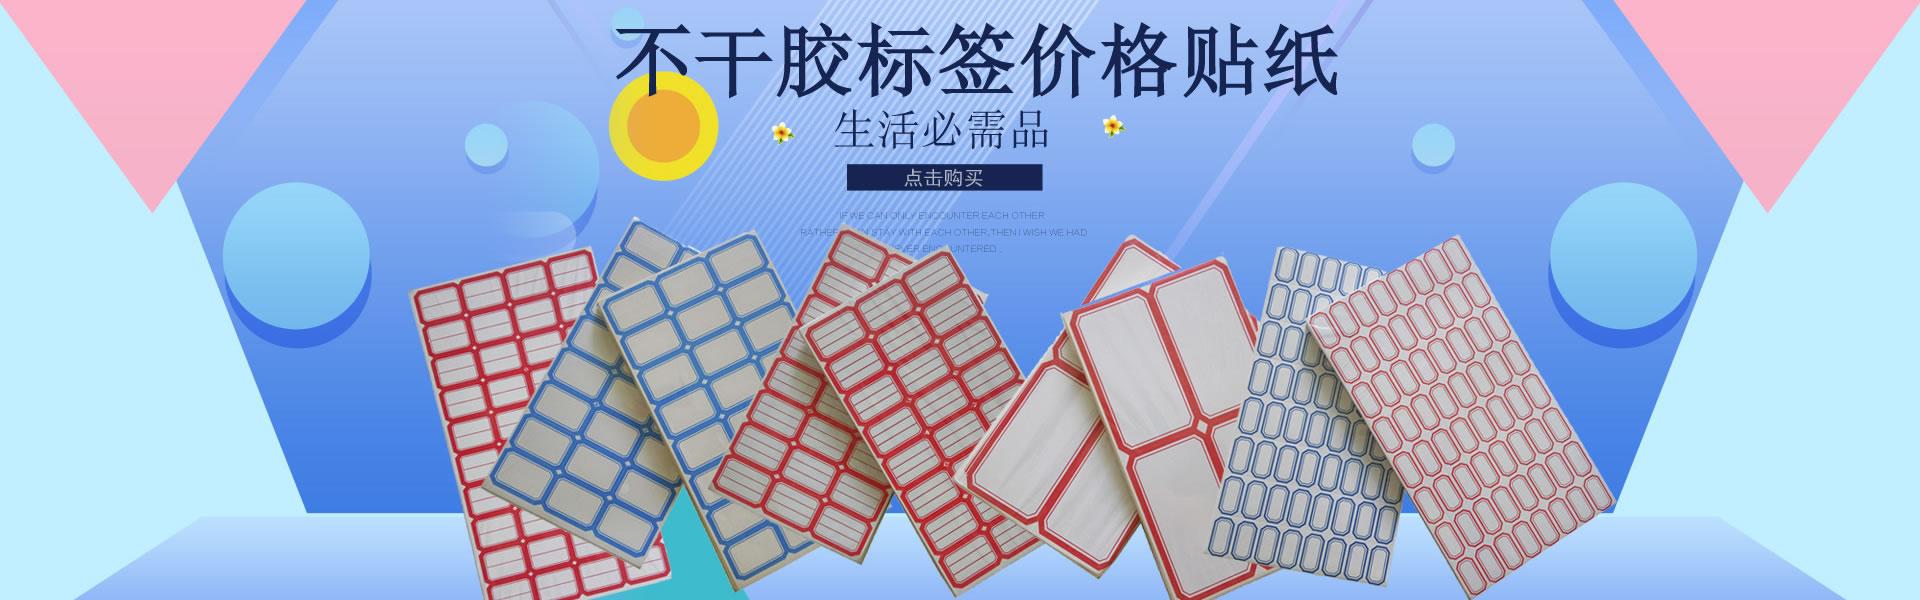 北京快乐8网站-首页_WelcomeTEjg_不干胶价格标签贴纸